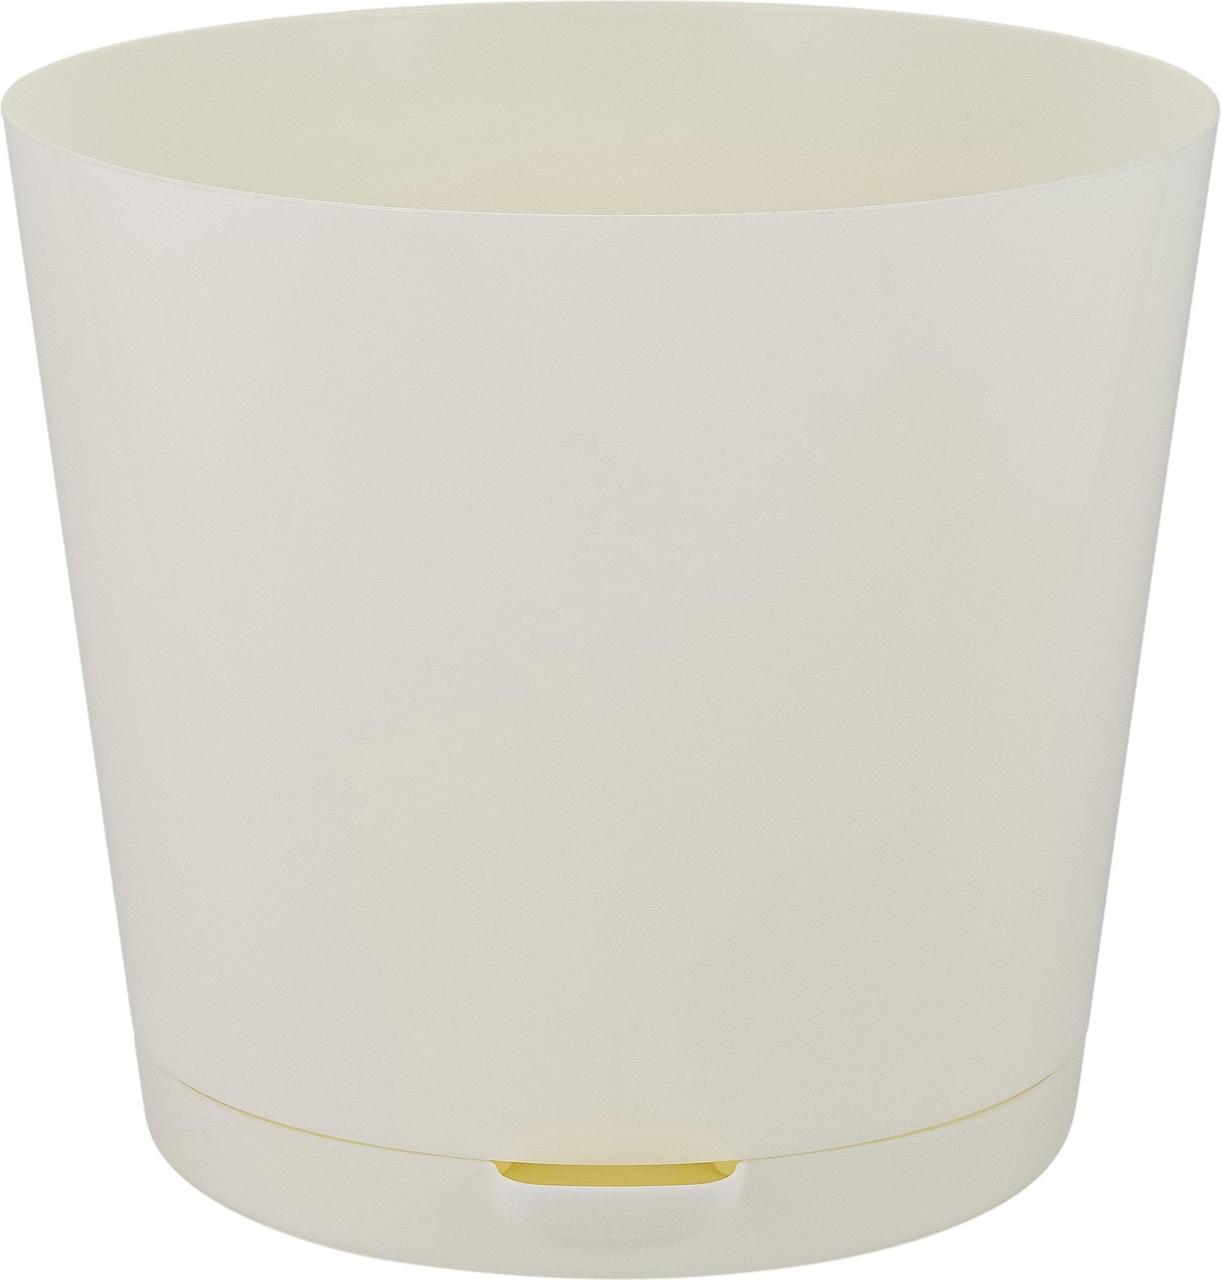 Горшок для цветов Easy Grow D 200 с прикорневым поливом 4 л Сливочный